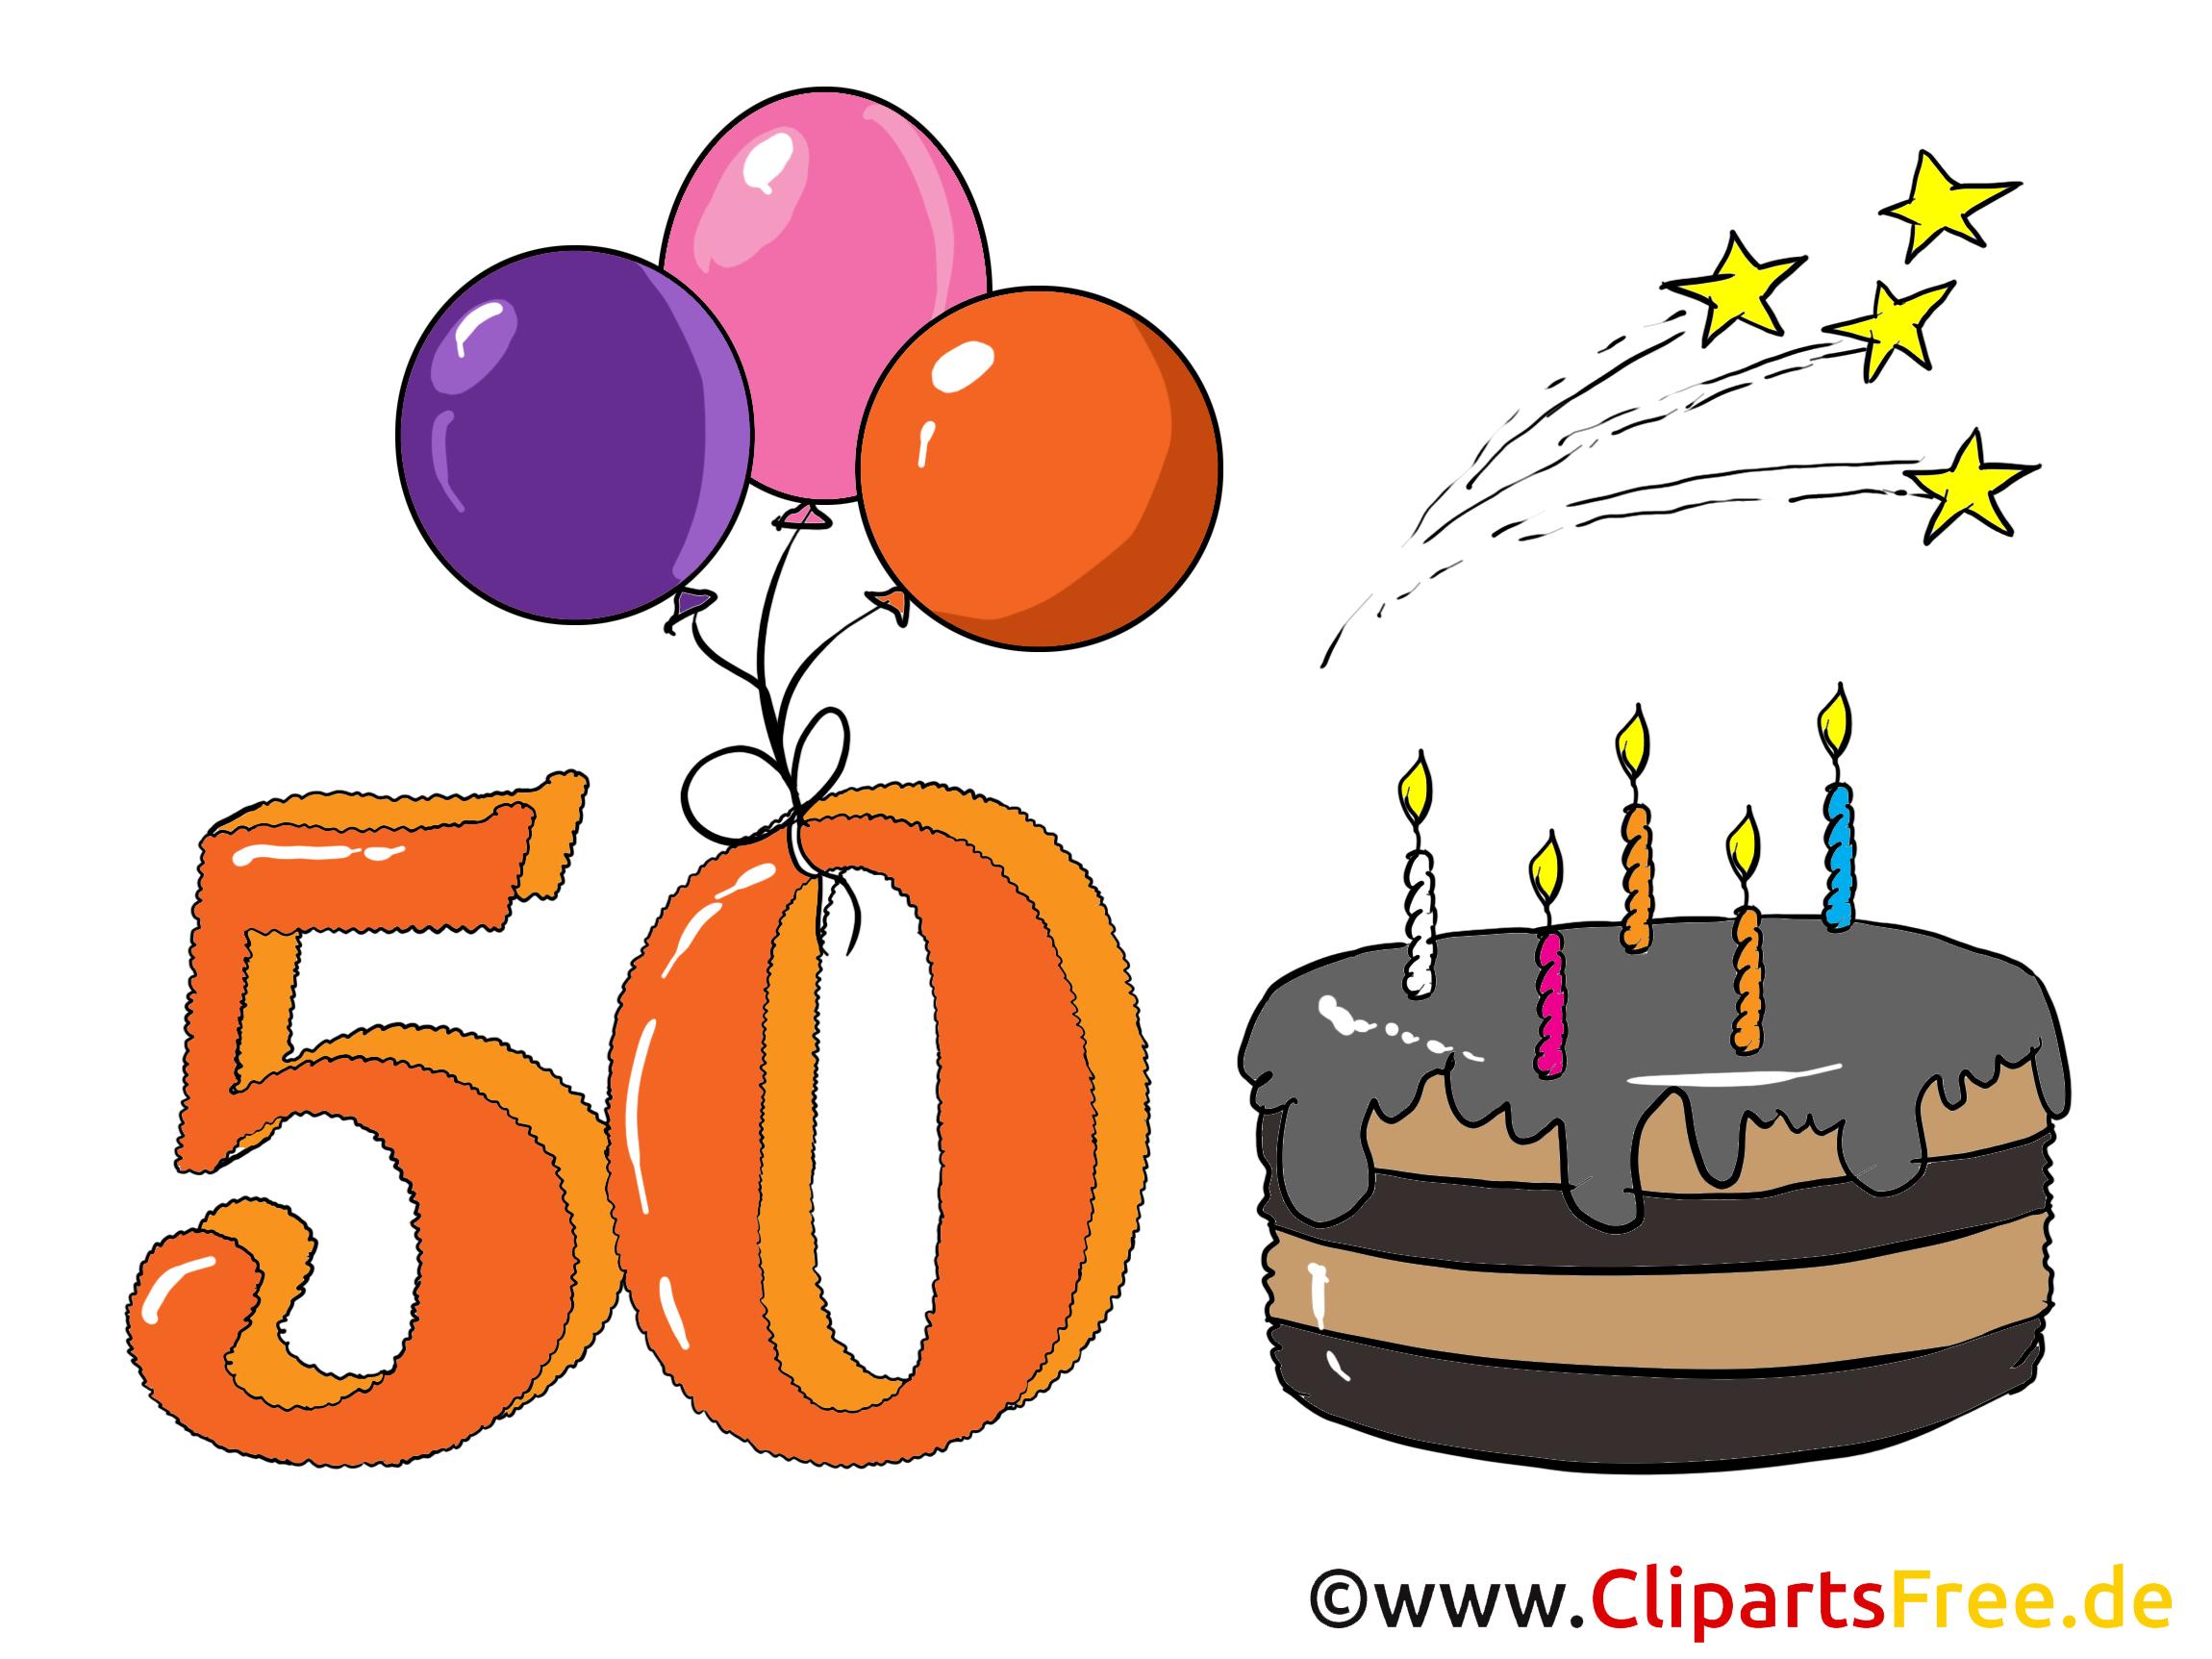 Spruche zum 50 geburtstag lustig heiter liebevoll